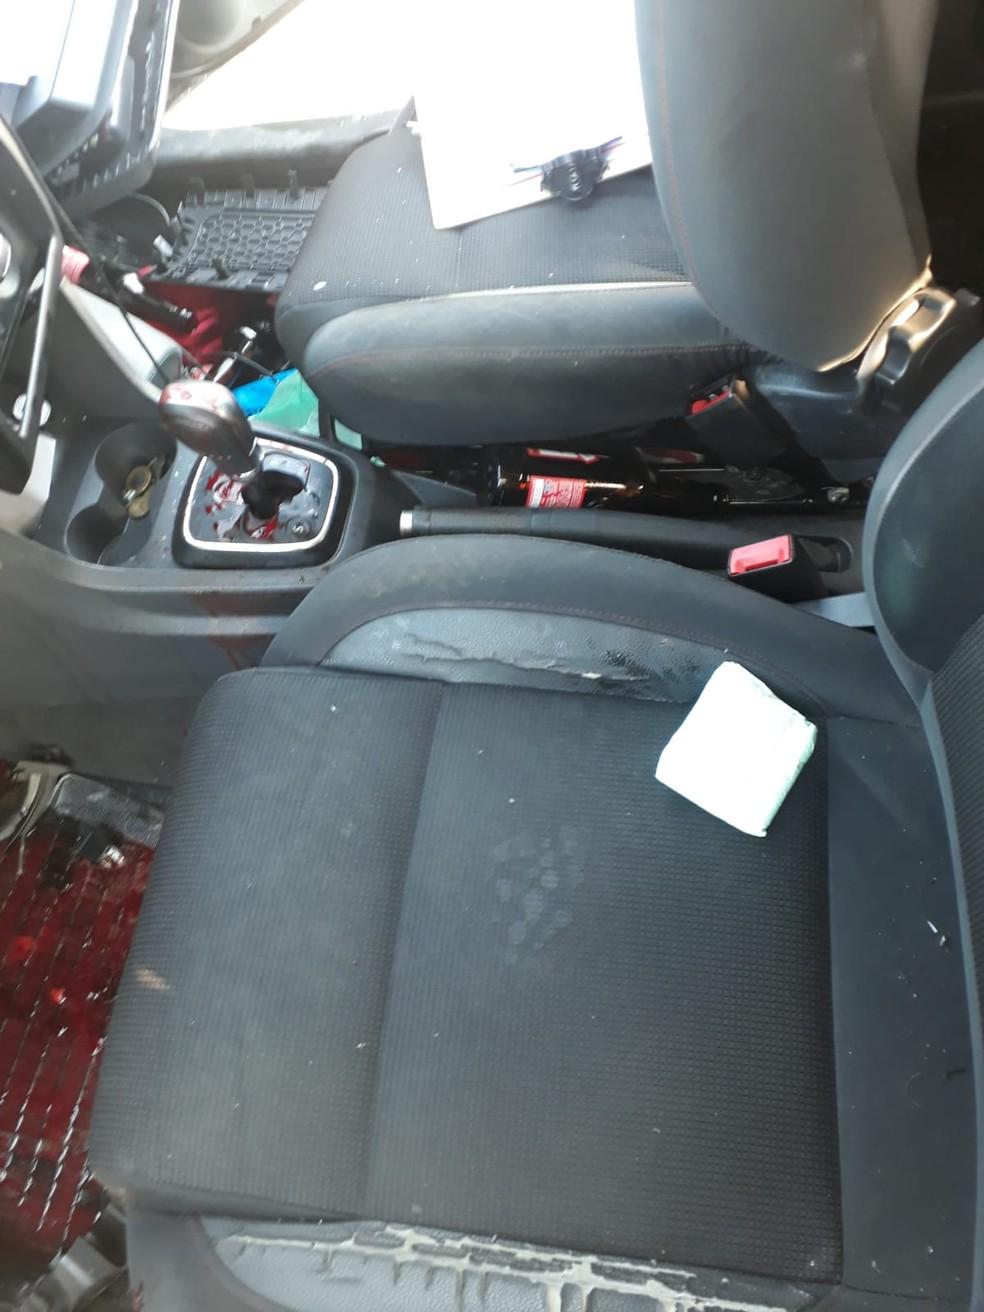 Carro tinha várias garrafas de cerveja e motorista apresentava sinais de embriaguez — Foto: Guarda Municipal/Divulgação